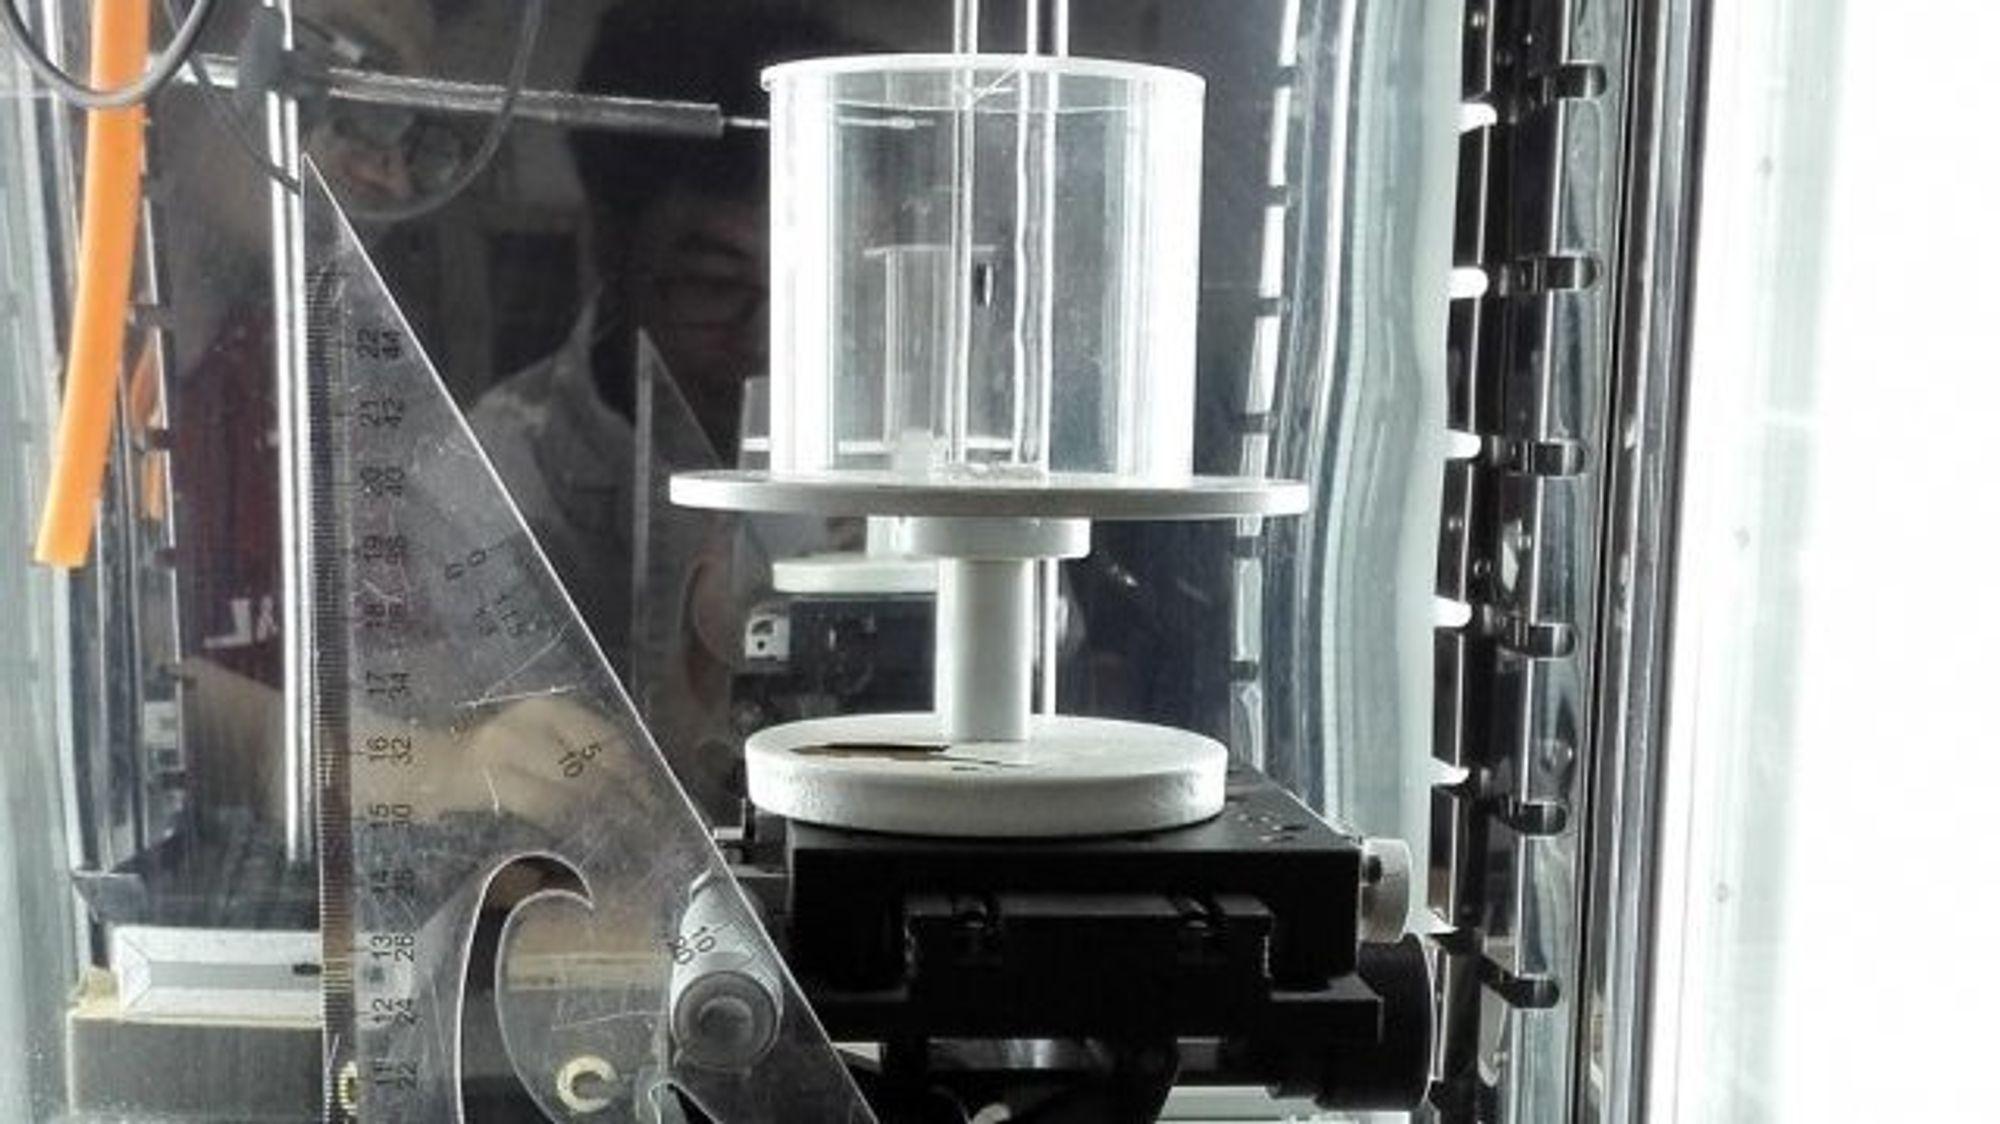 Laboppsettet som er brukt til å teste hvordan edderkoppspinnet oppfører seg under forskjellige forhold. Den lukkede glassylinderen gjør det mulig å kontrollere fuktigheten nøyaktig mens man tester sammentrekning og vridning på tråden.Credit: Photo courtesy of the researchers